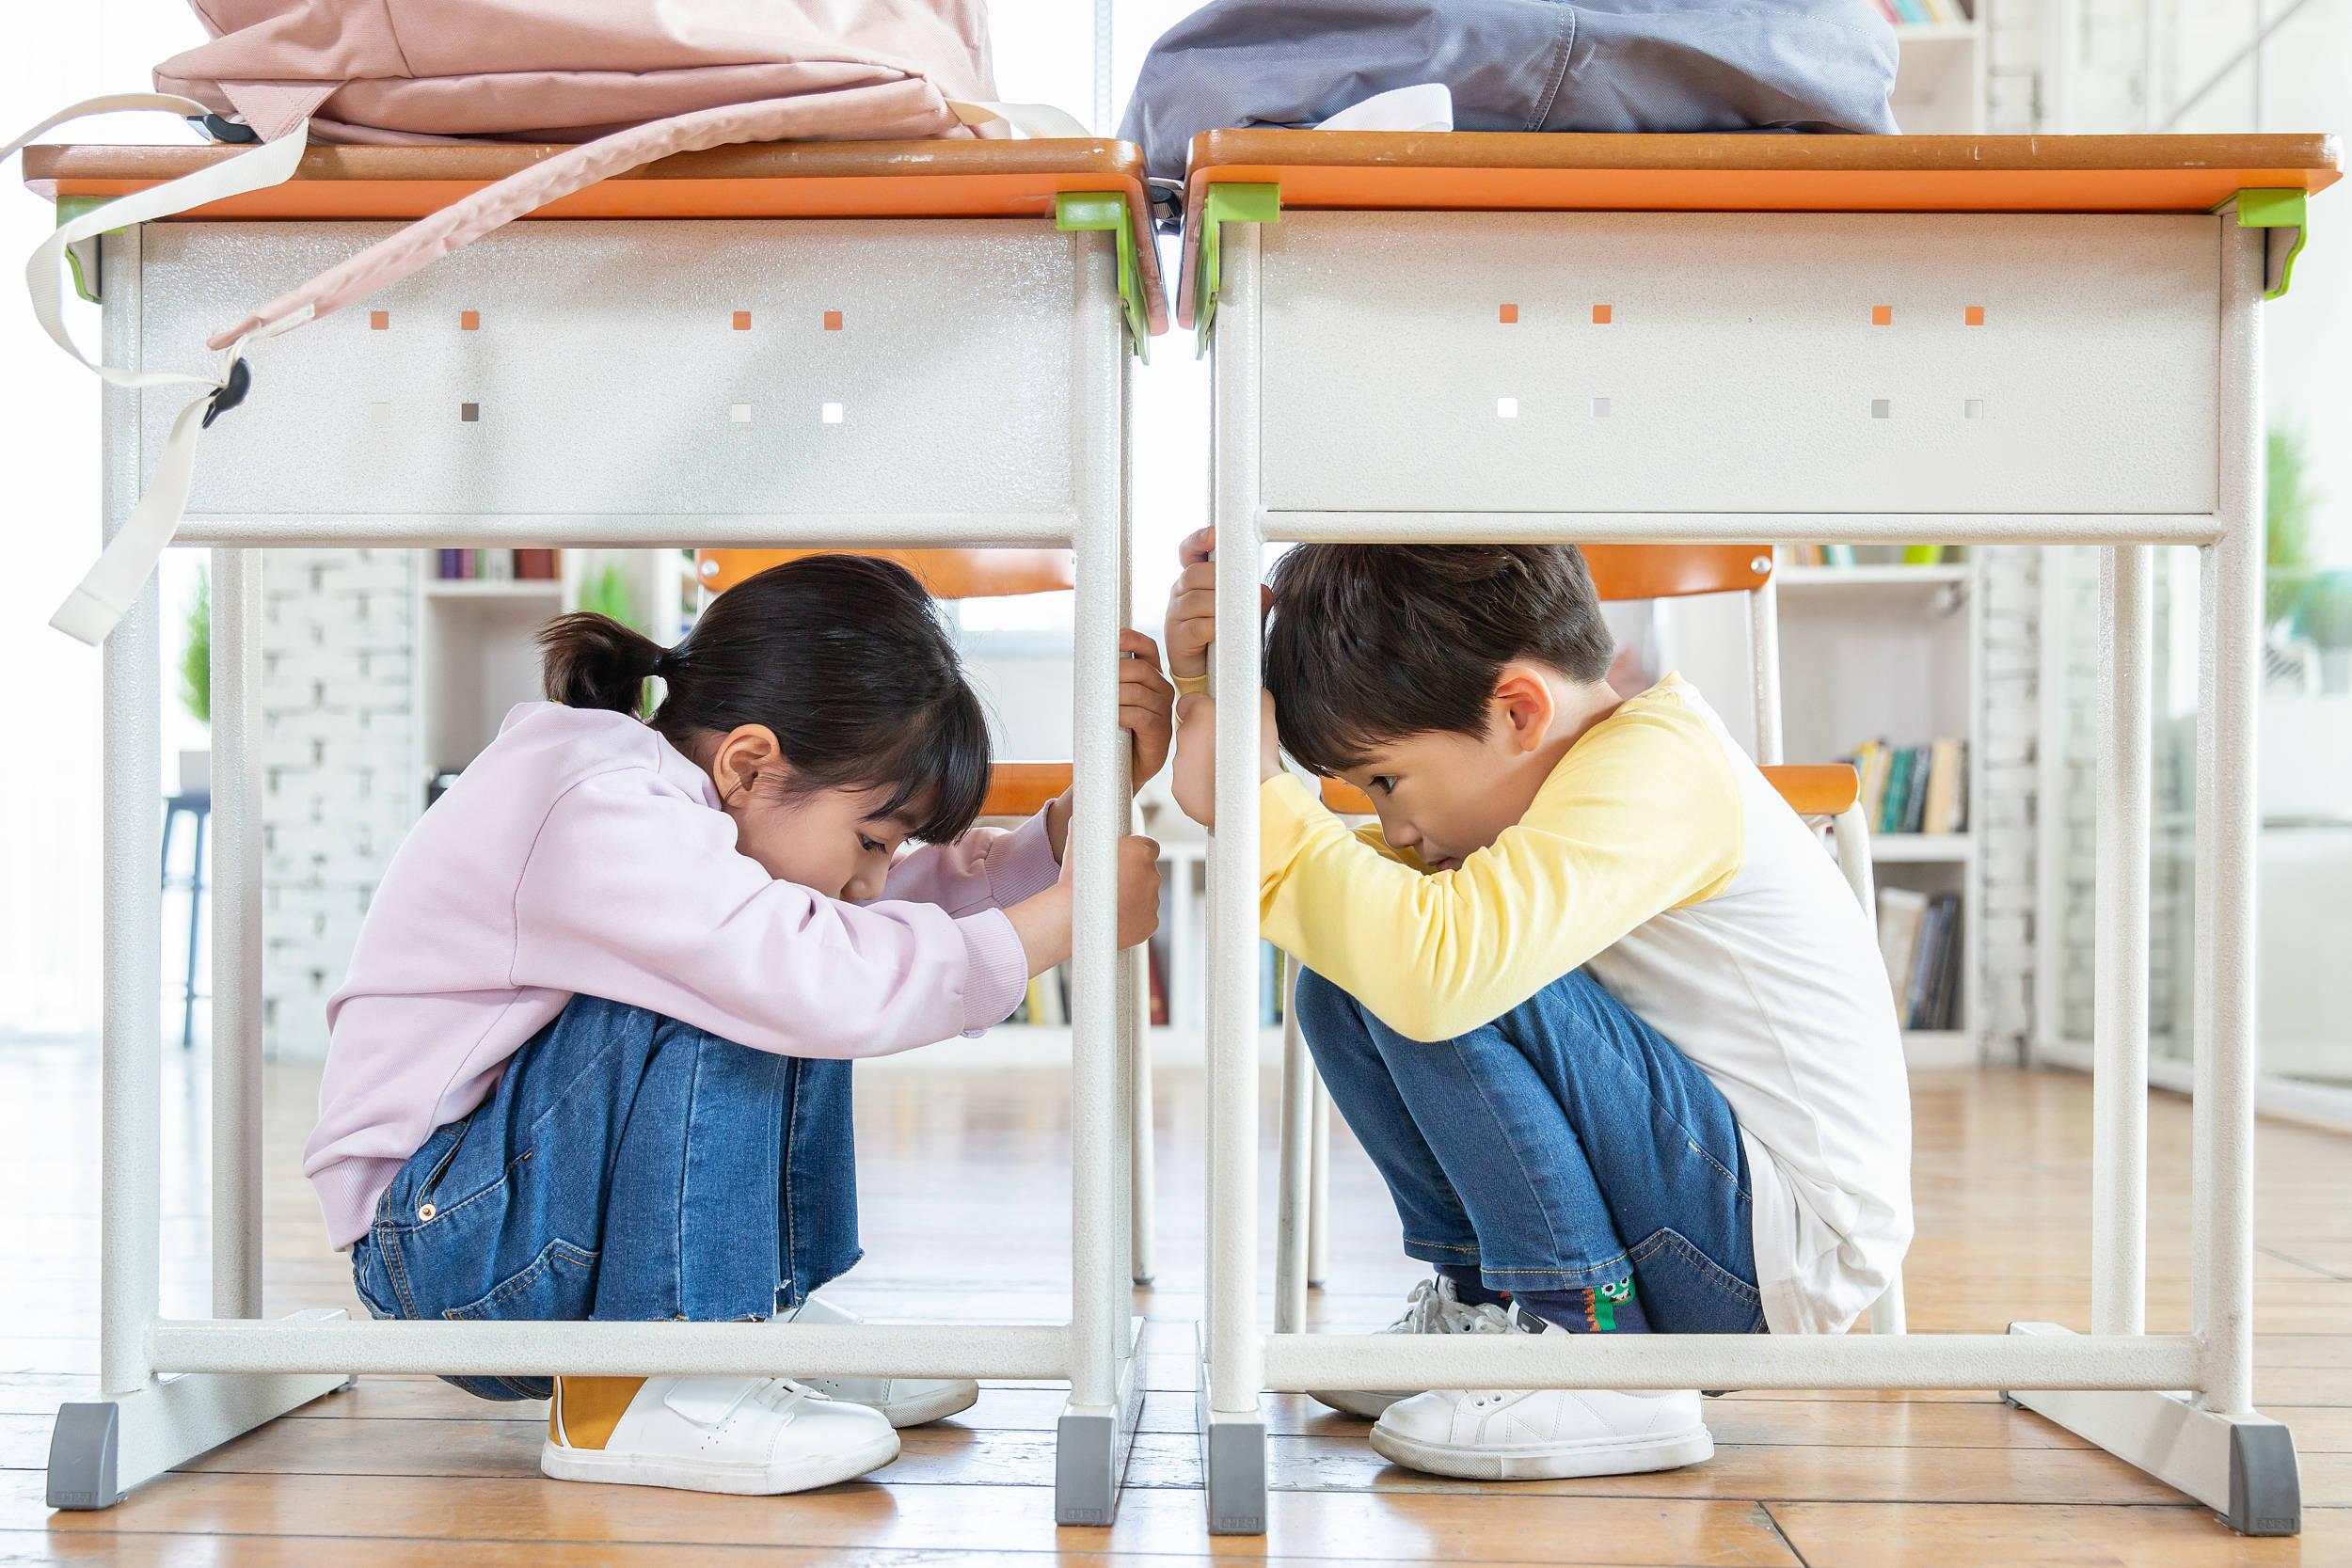 健康中国|躲!救!防!地震的科学救援与防护,一起转发了解